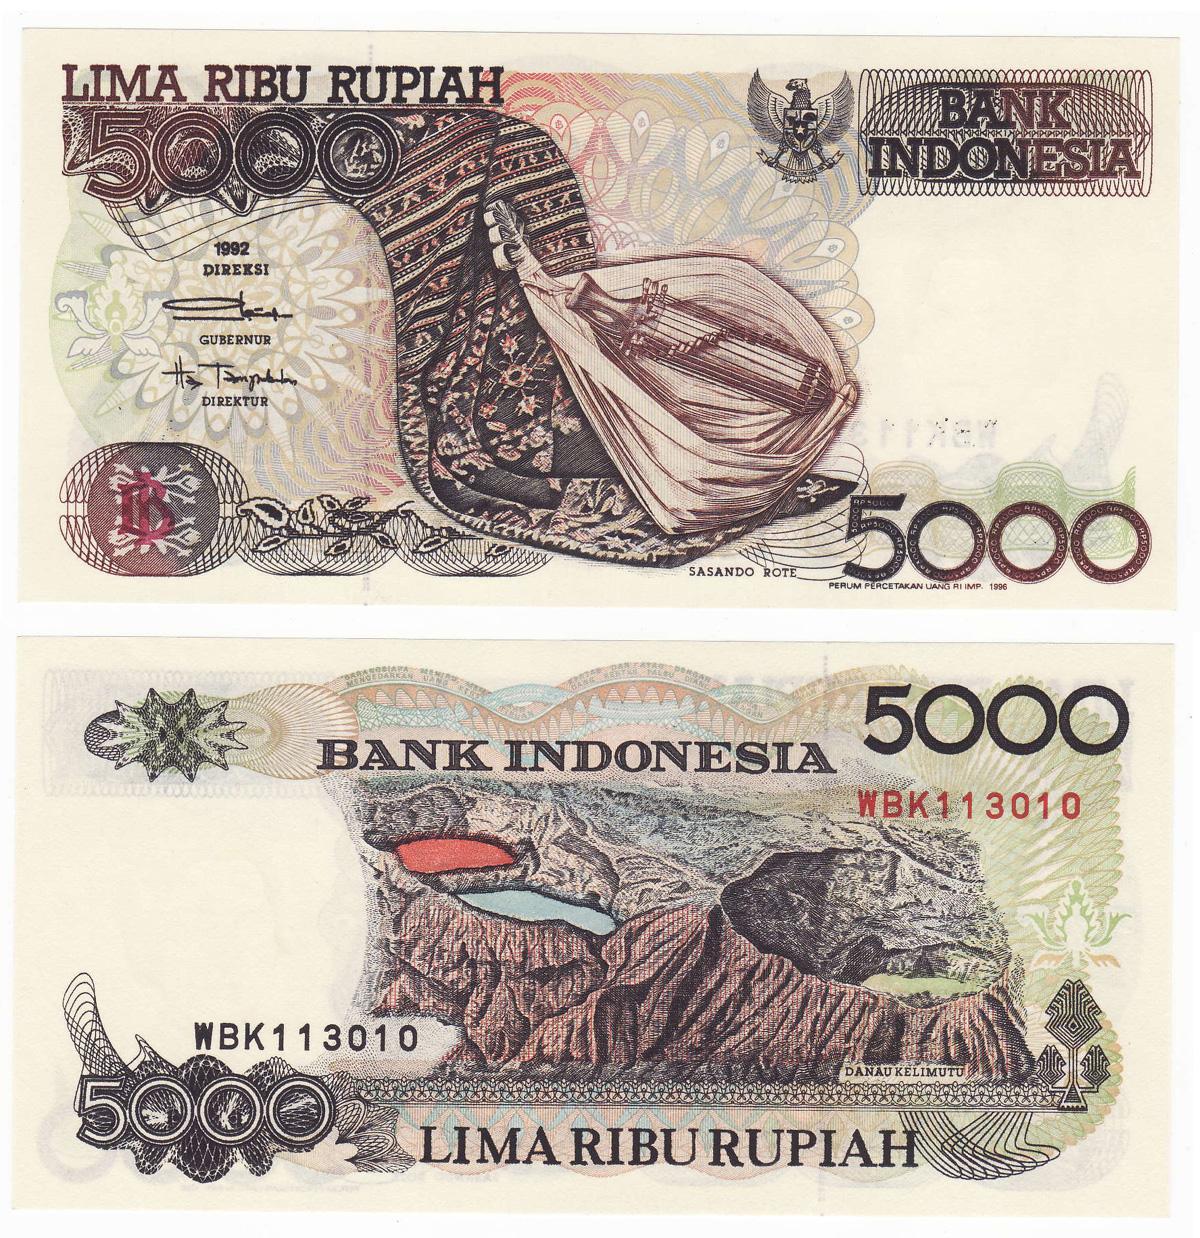 Menjual Uang Kuno Dan Mahar 2017 100 Rupiah Burung Dara Sasando 5000 1992